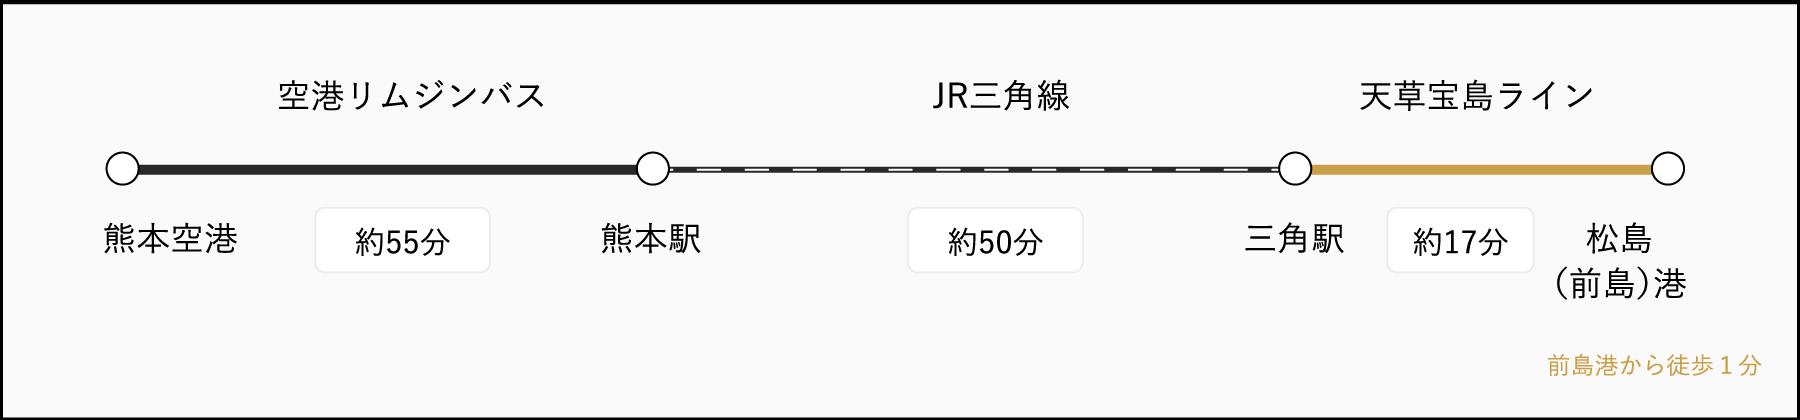 熊本空港から空港リムジンバス、熊本駅からJR+船で行くルート